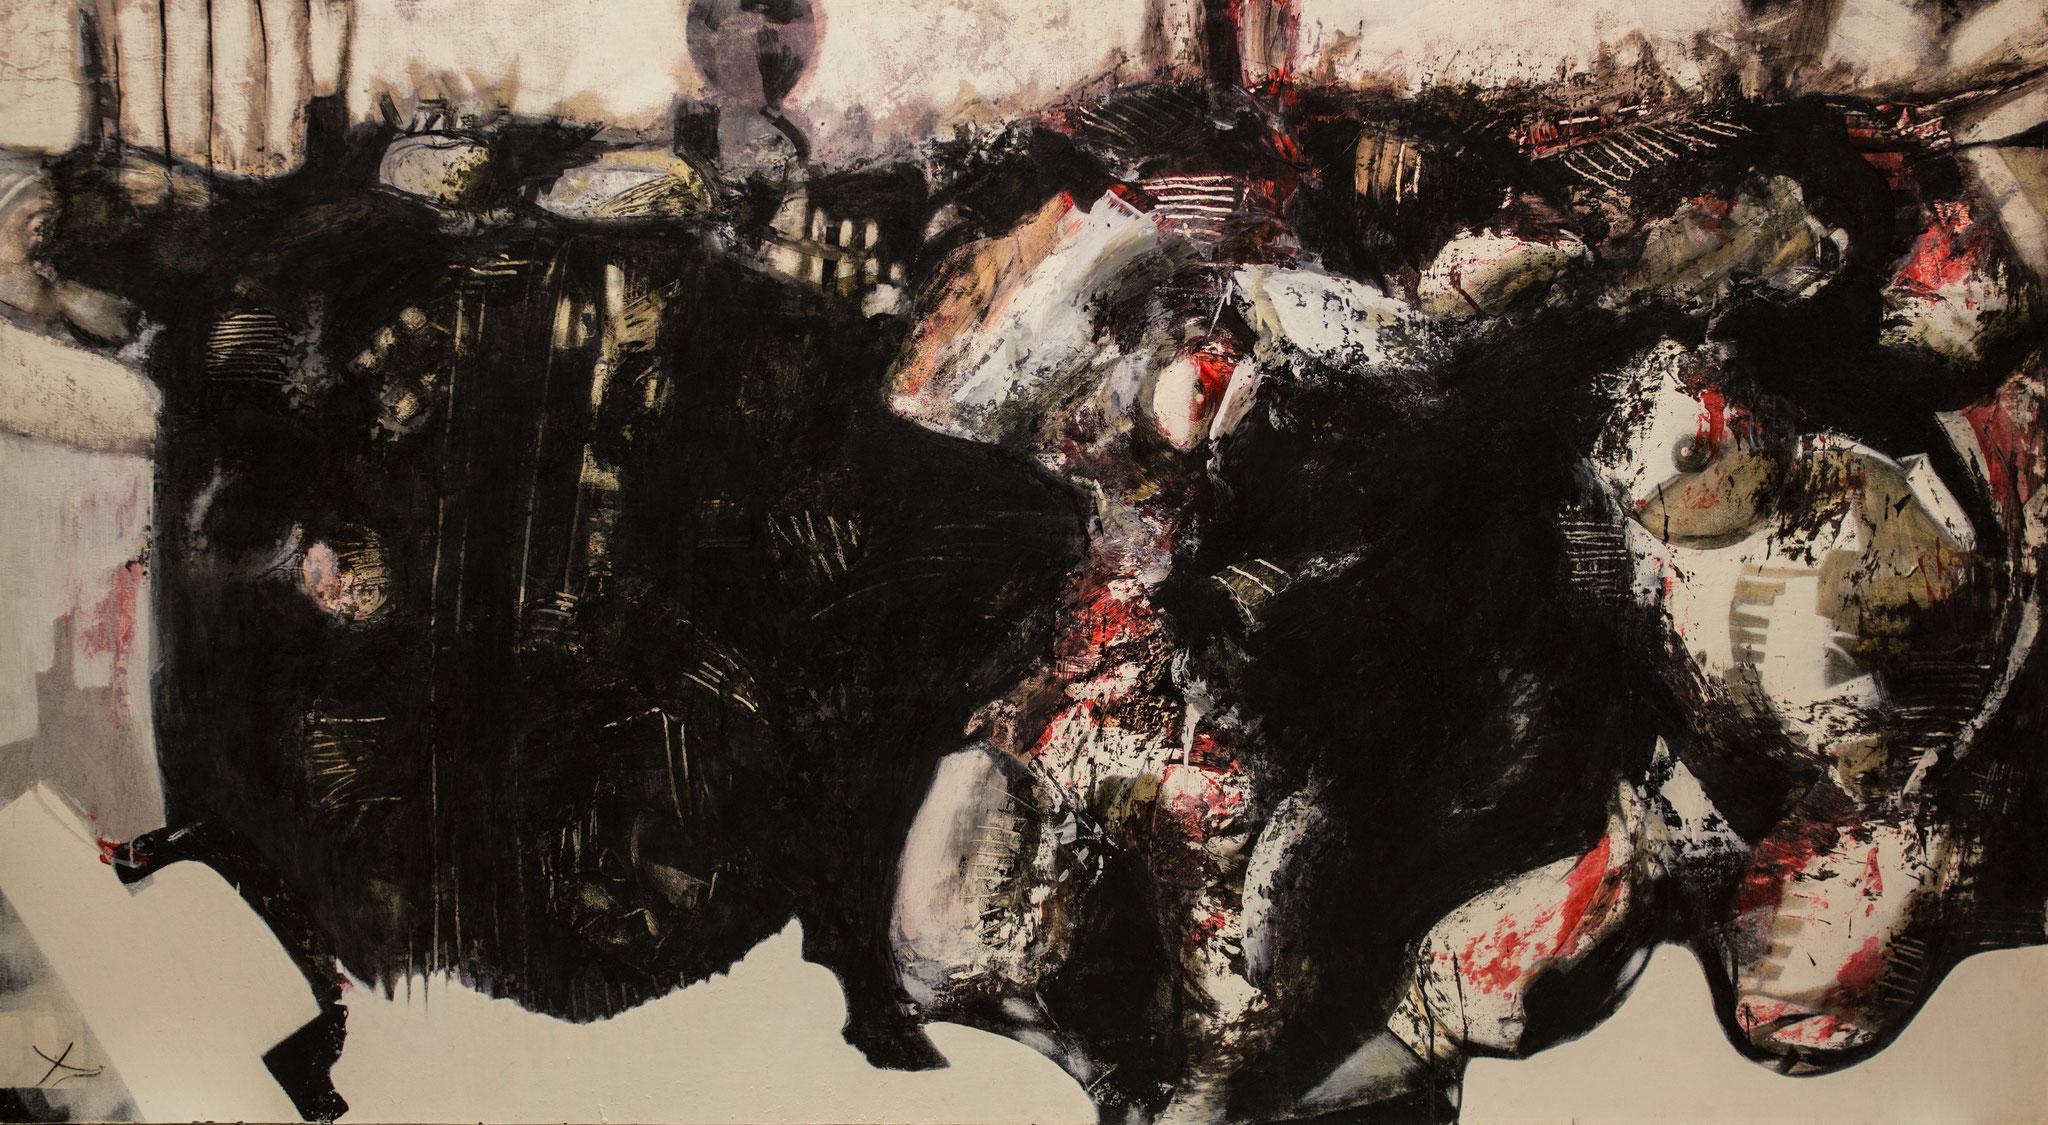 Farandole d'illusions - 2007 - 200 x110 cm - technique mixte sur panneau bois - JUANDEZ